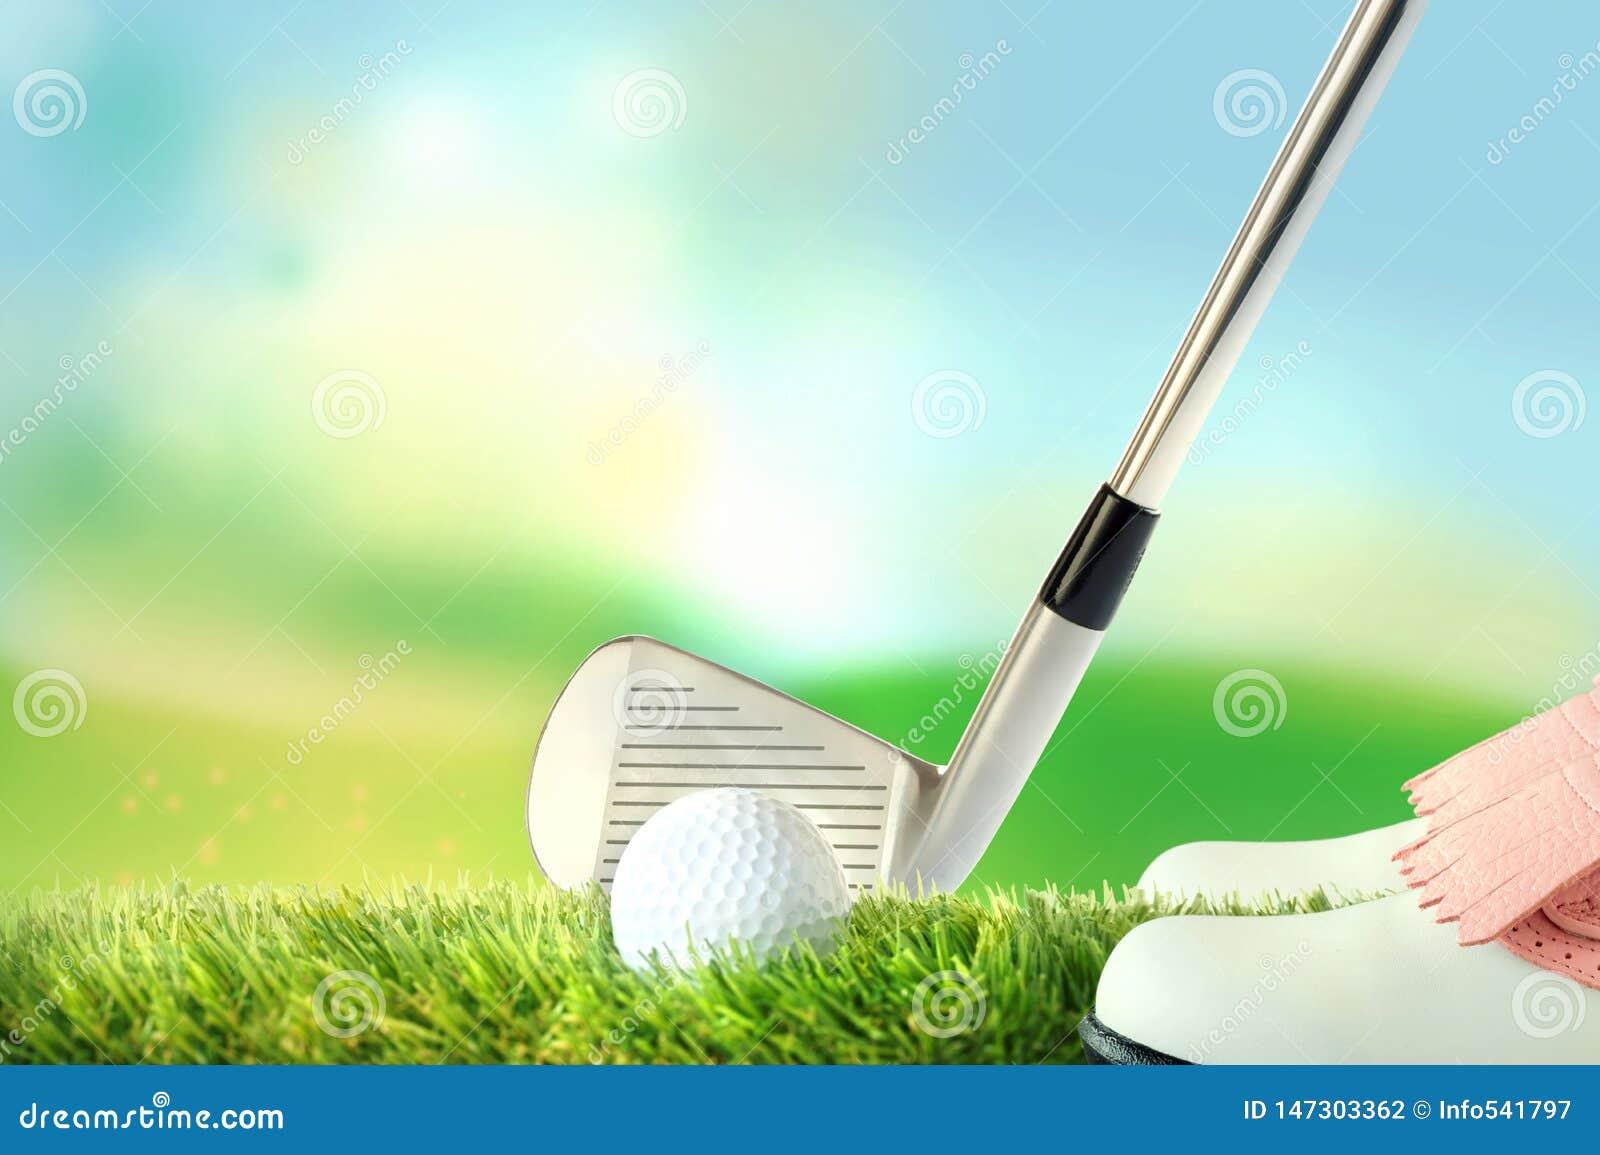 响应位置的高尔夫球运动员,与高尔夫俱乐部的高尔夫球